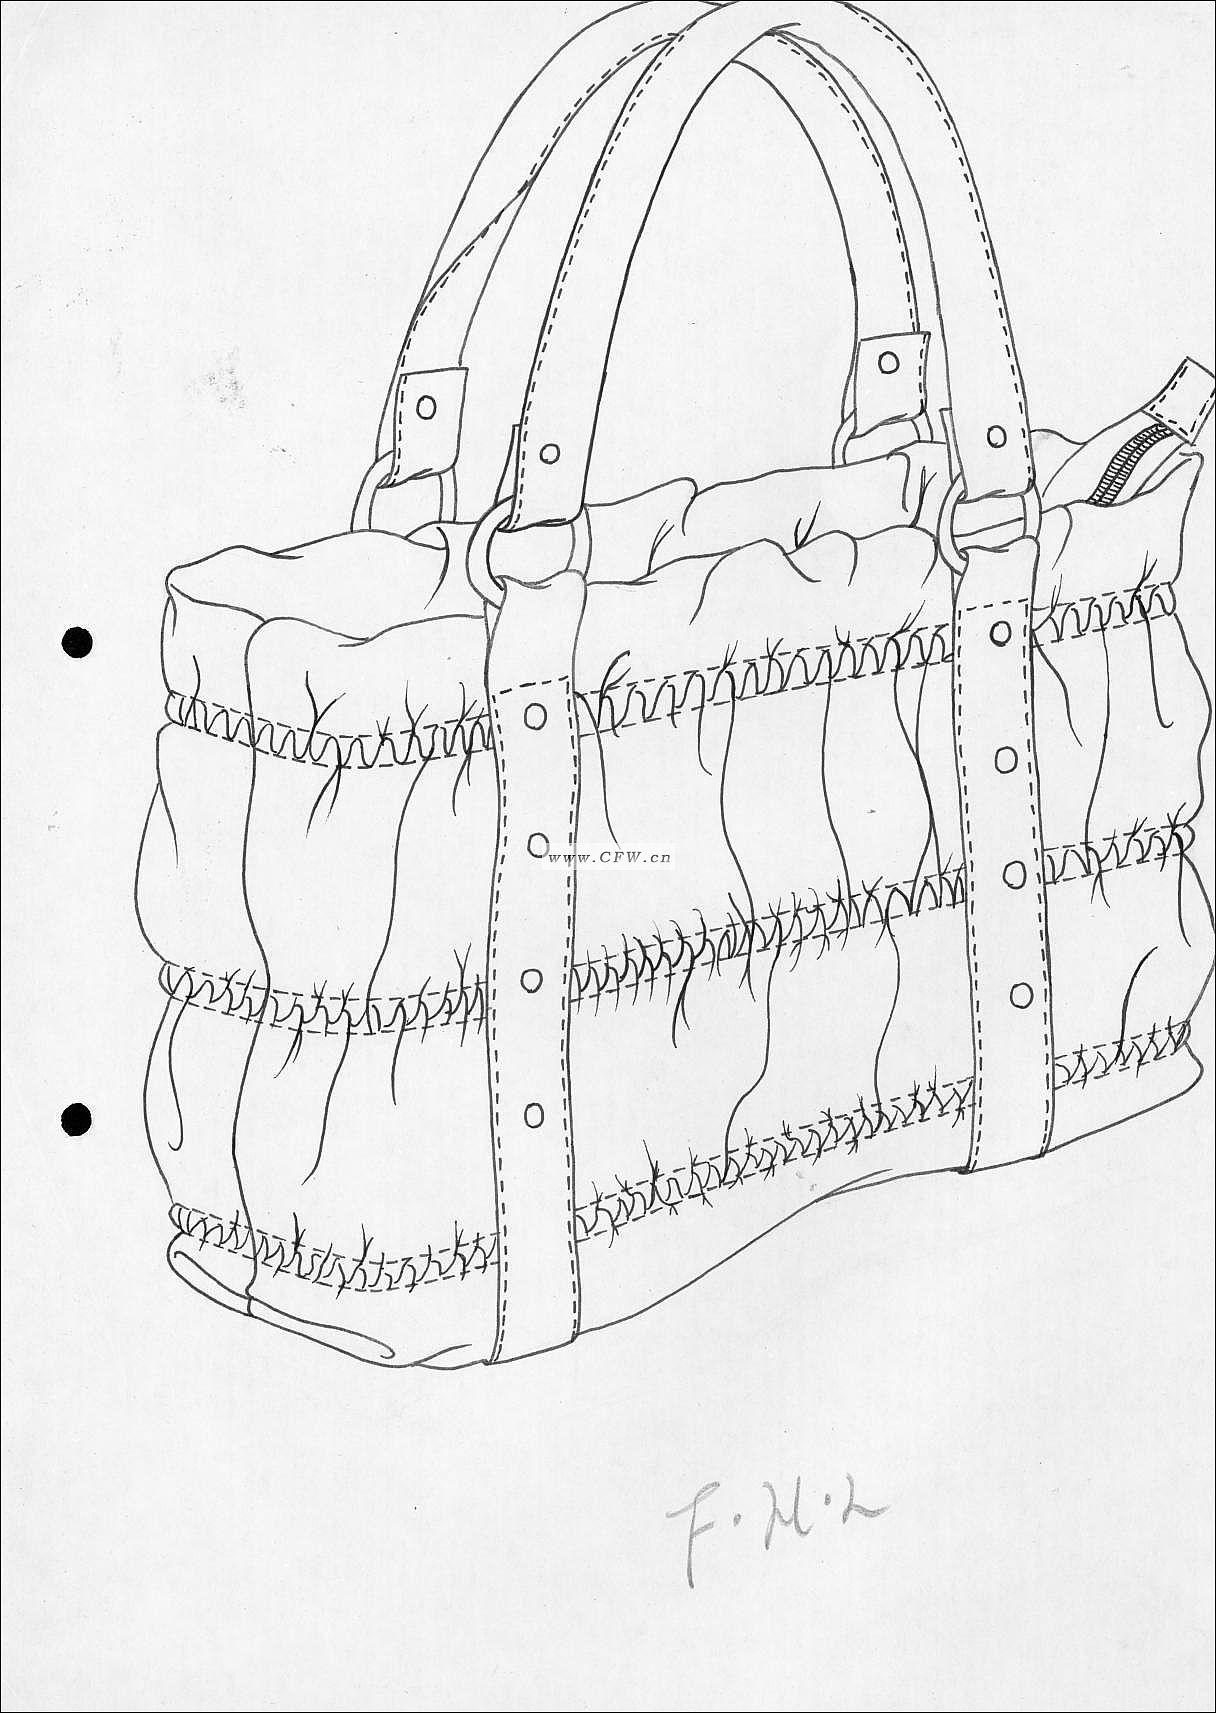 图手绘鞋子设计图手稿鞋子设计图手稿鞋子设计图片